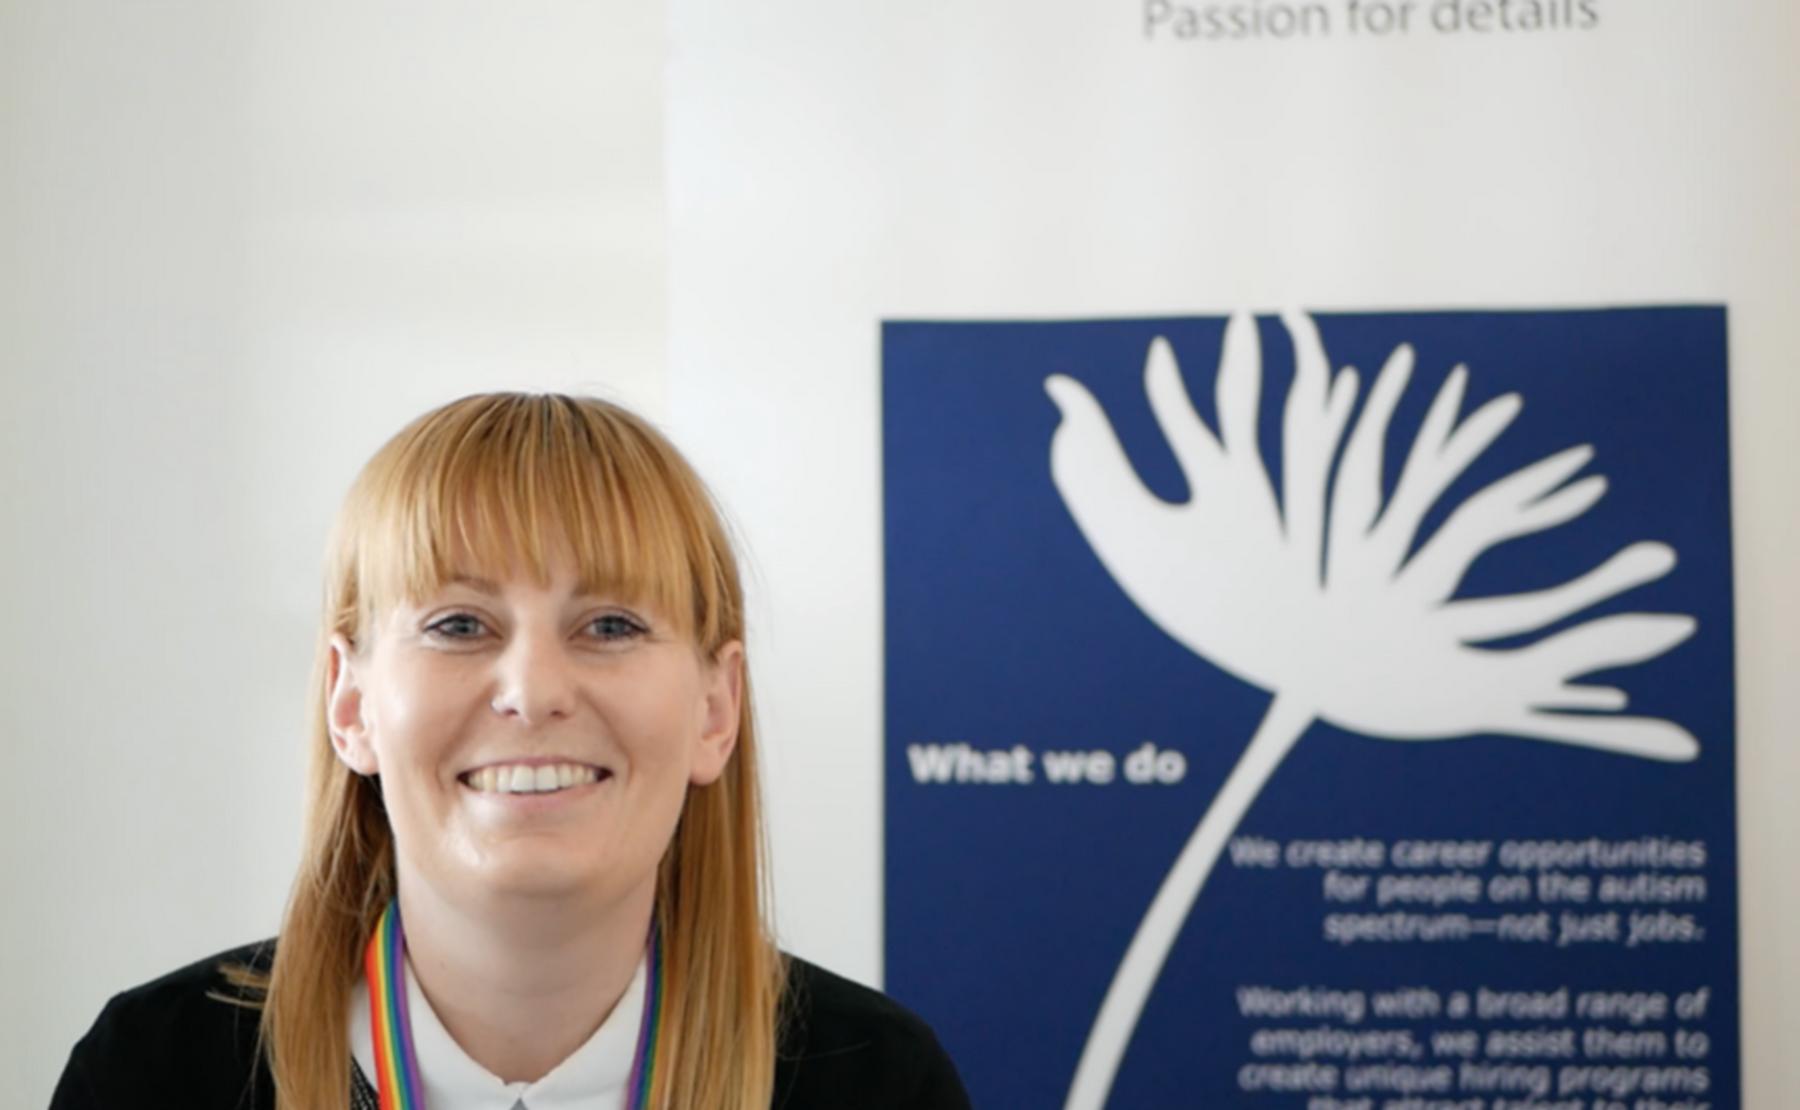 Rebecca Flower, membre de Specialisterne Australia, l'une des premières entreprises au monde à mettre en lumière les bénéfices de la neurodiversité dans le monde du travail en offrant des outils d'inclusion. ©DR